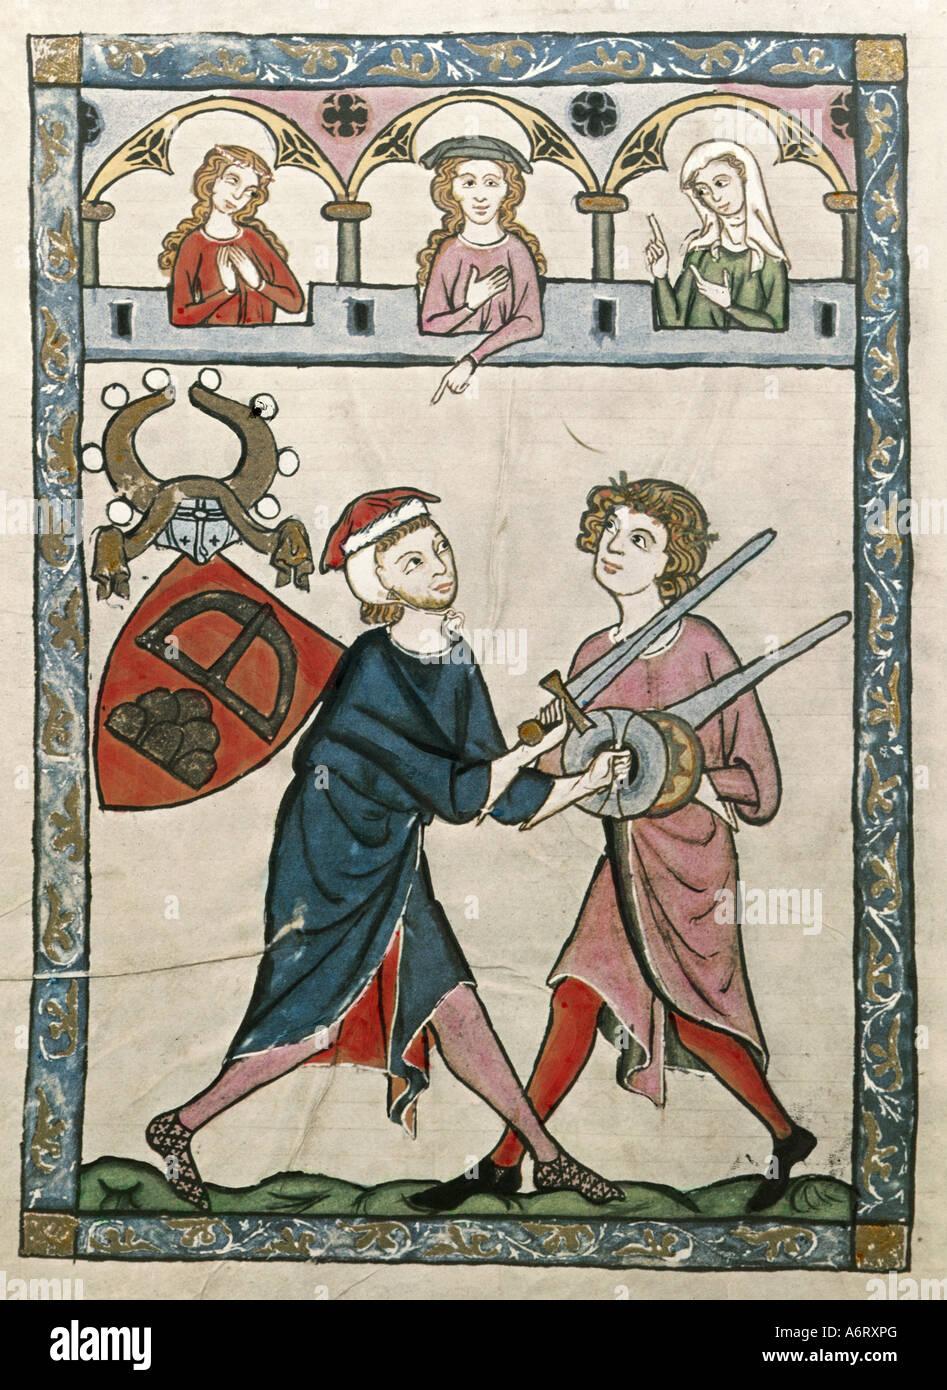 Belle arti, medioevo, gotico, illuminazione, Codex Manesse, Zurigo, 1305 - 1340, Johann von Ringgenberg, coprendo Immagini Stock